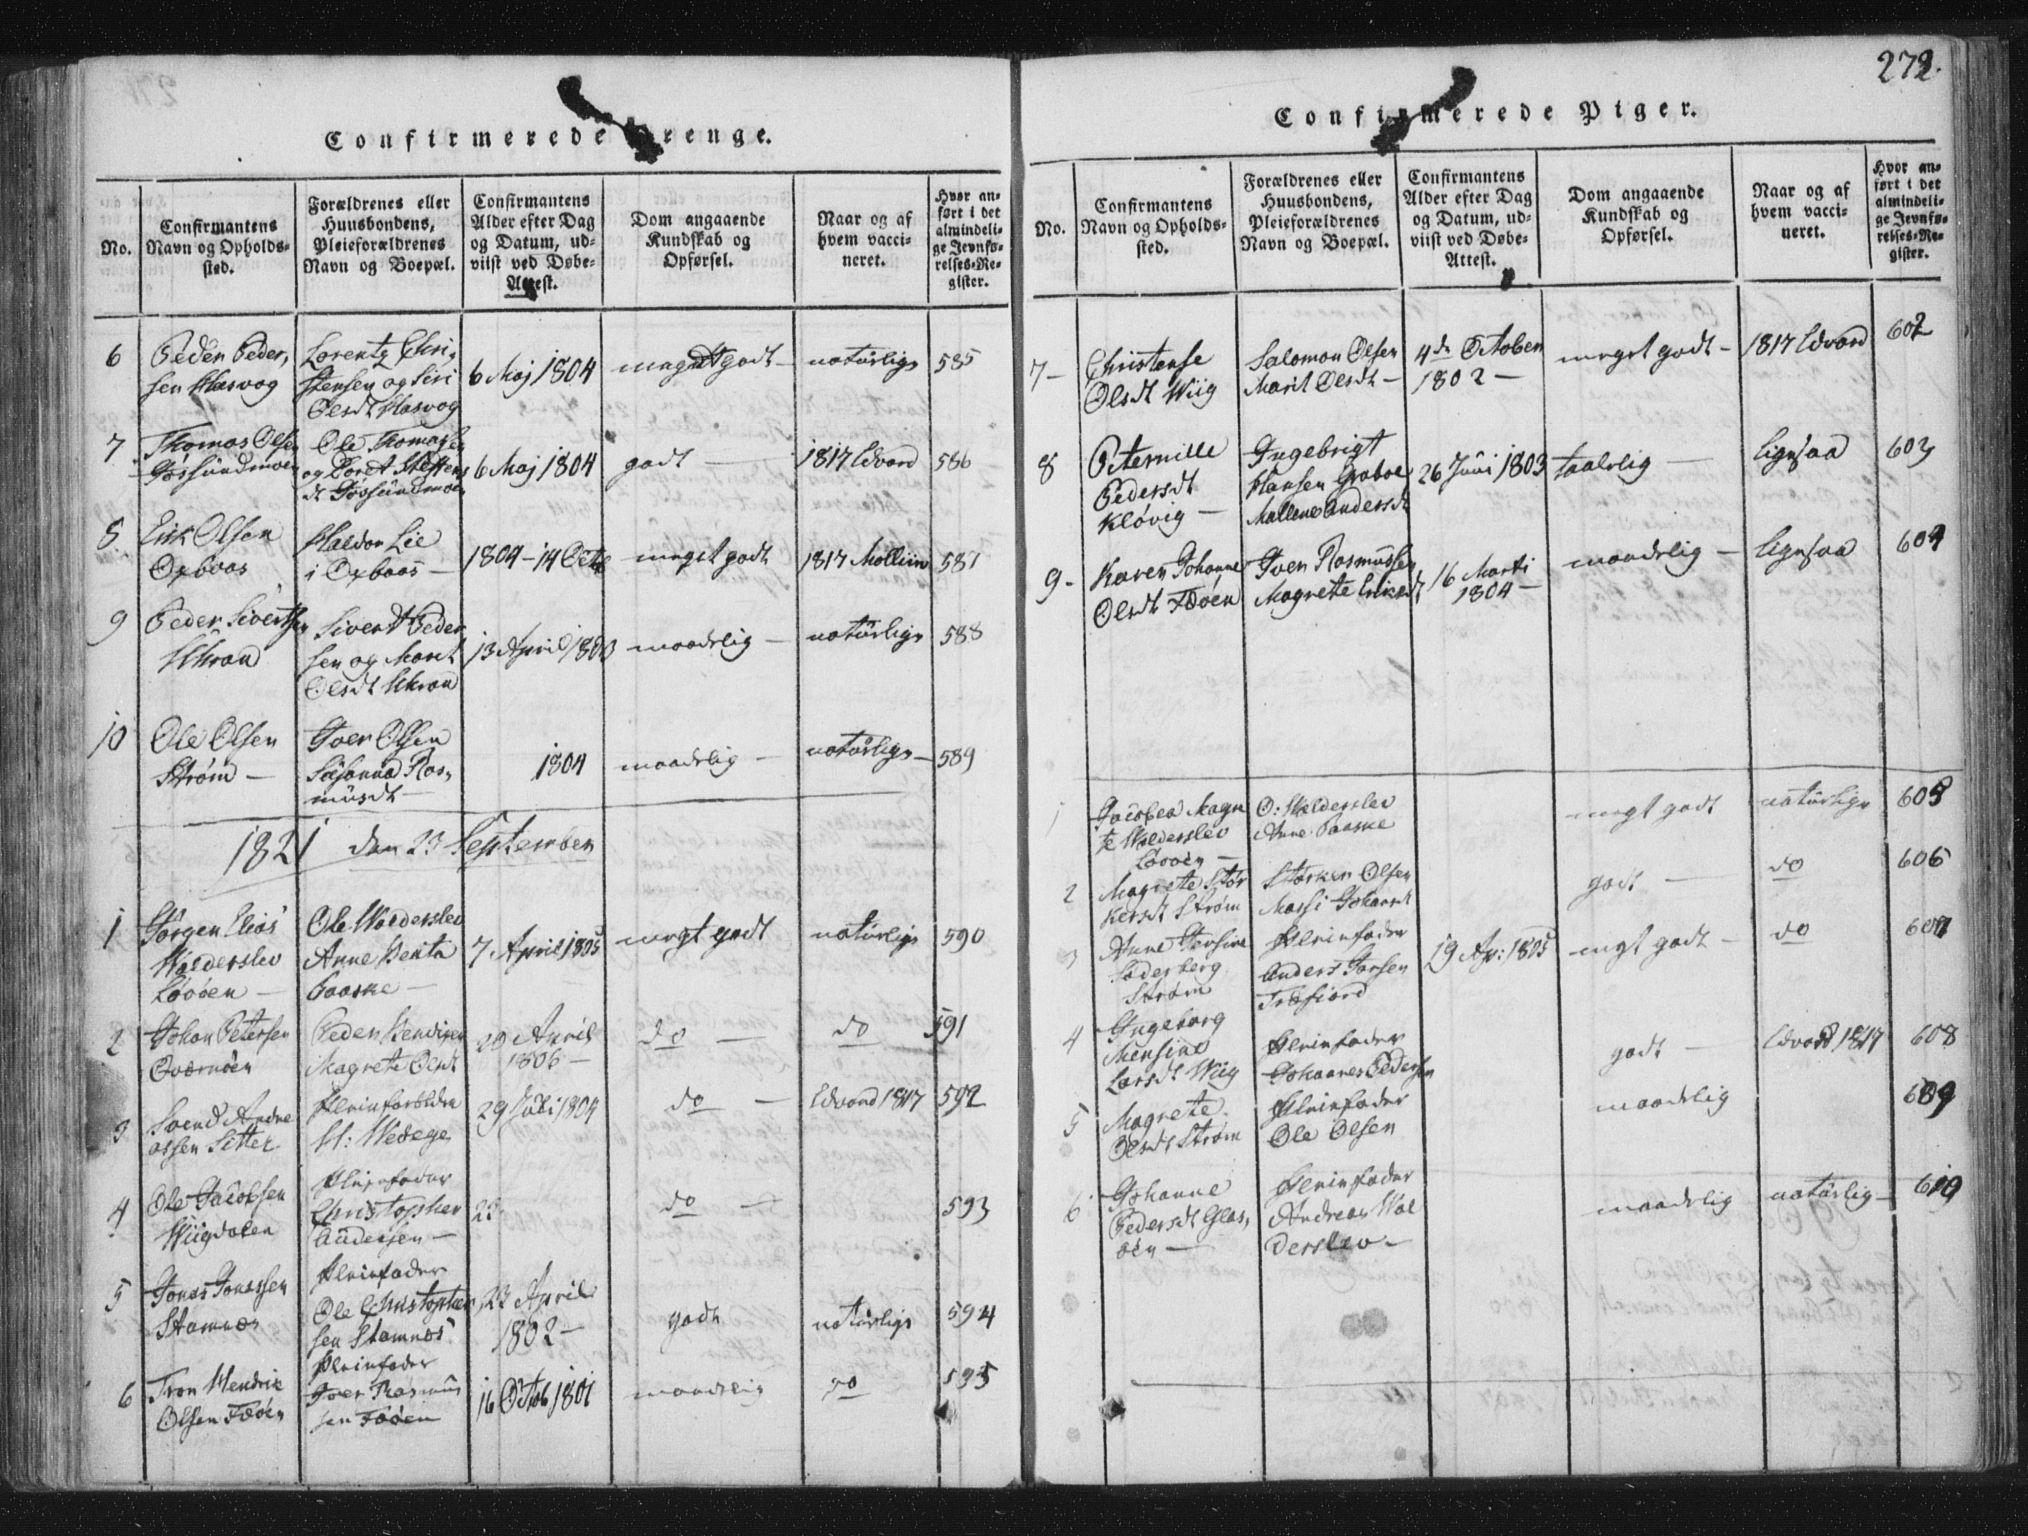 SAT, Ministerialprotokoller, klokkerbøker og fødselsregistre - Nord-Trøndelag, 773/L0609: Ministerialbok nr. 773A03 /3, 1815-1830, s. 272